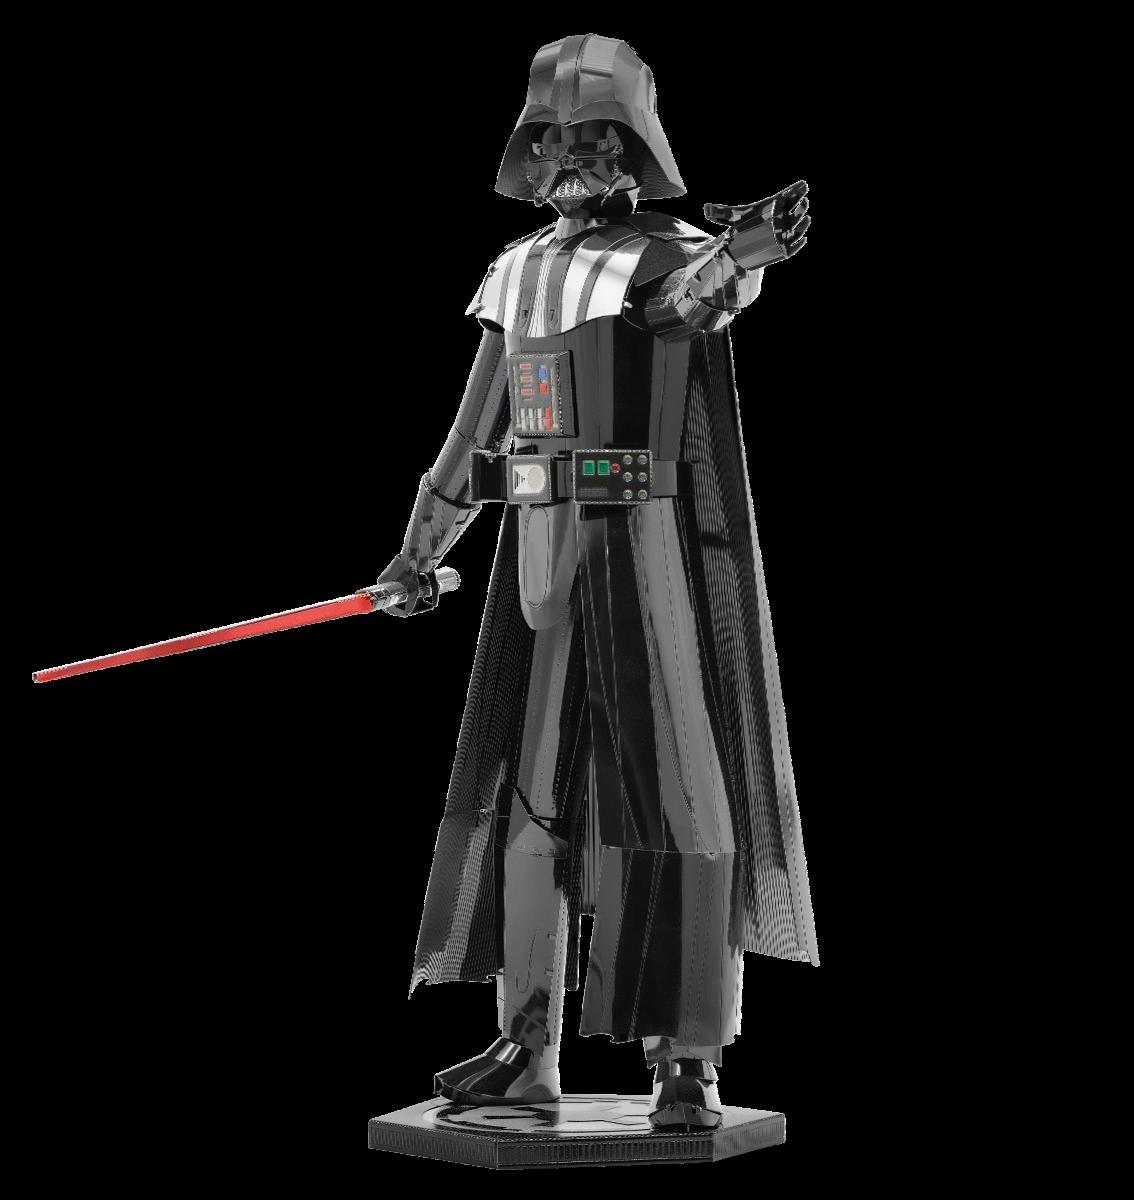 Metal Earth Darth Vader 3D Metal Model Kit